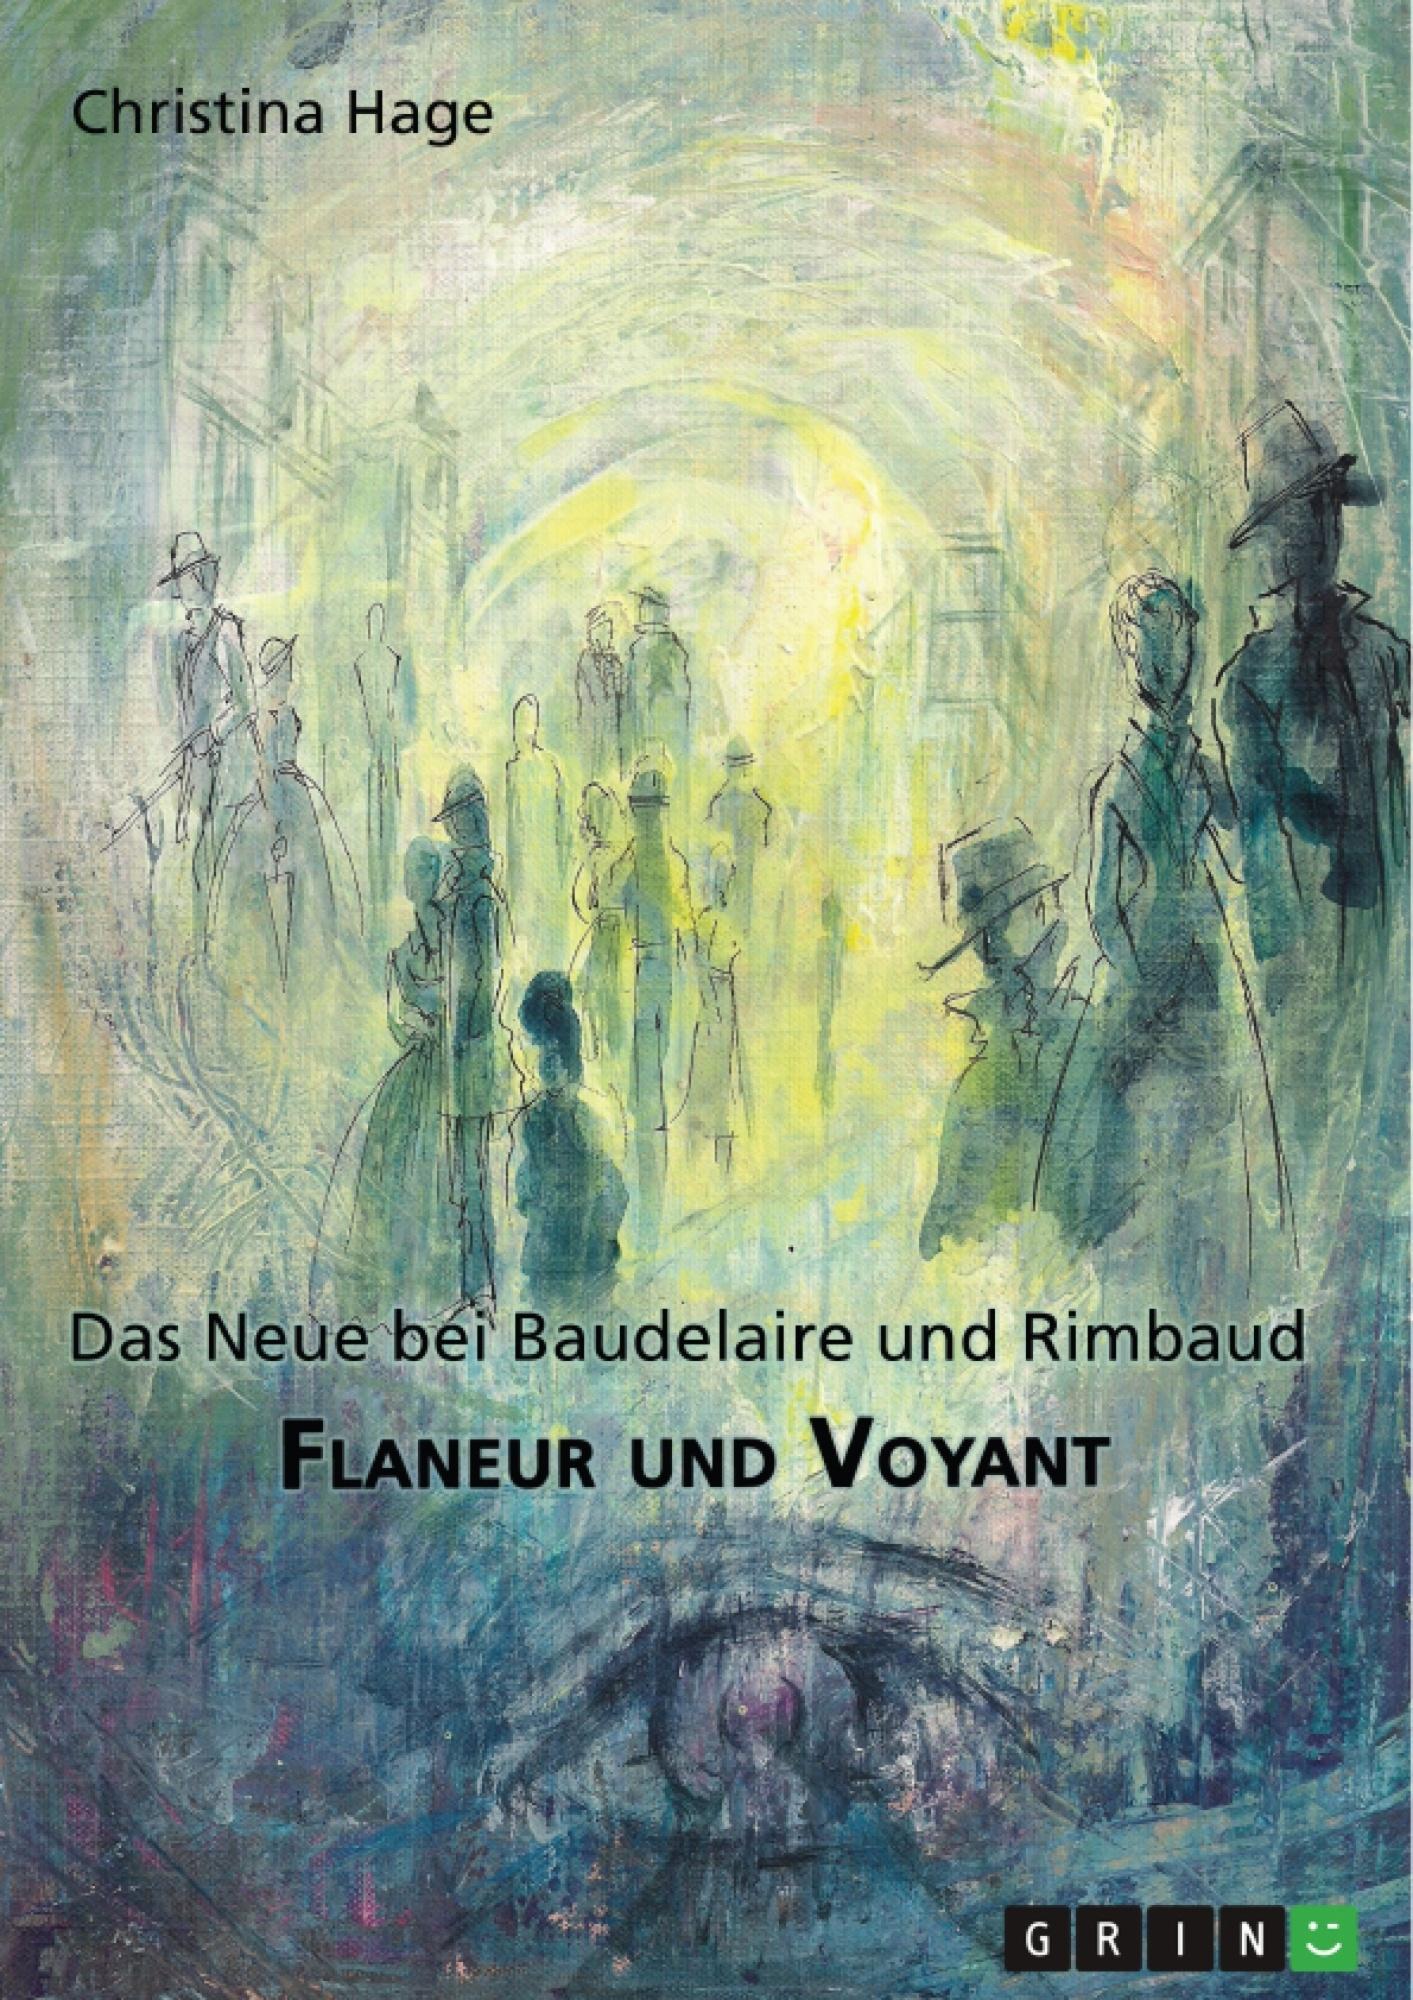 Titel: Flaneur und Voyant. Das Neue bei Baudelaire und Rimbaud